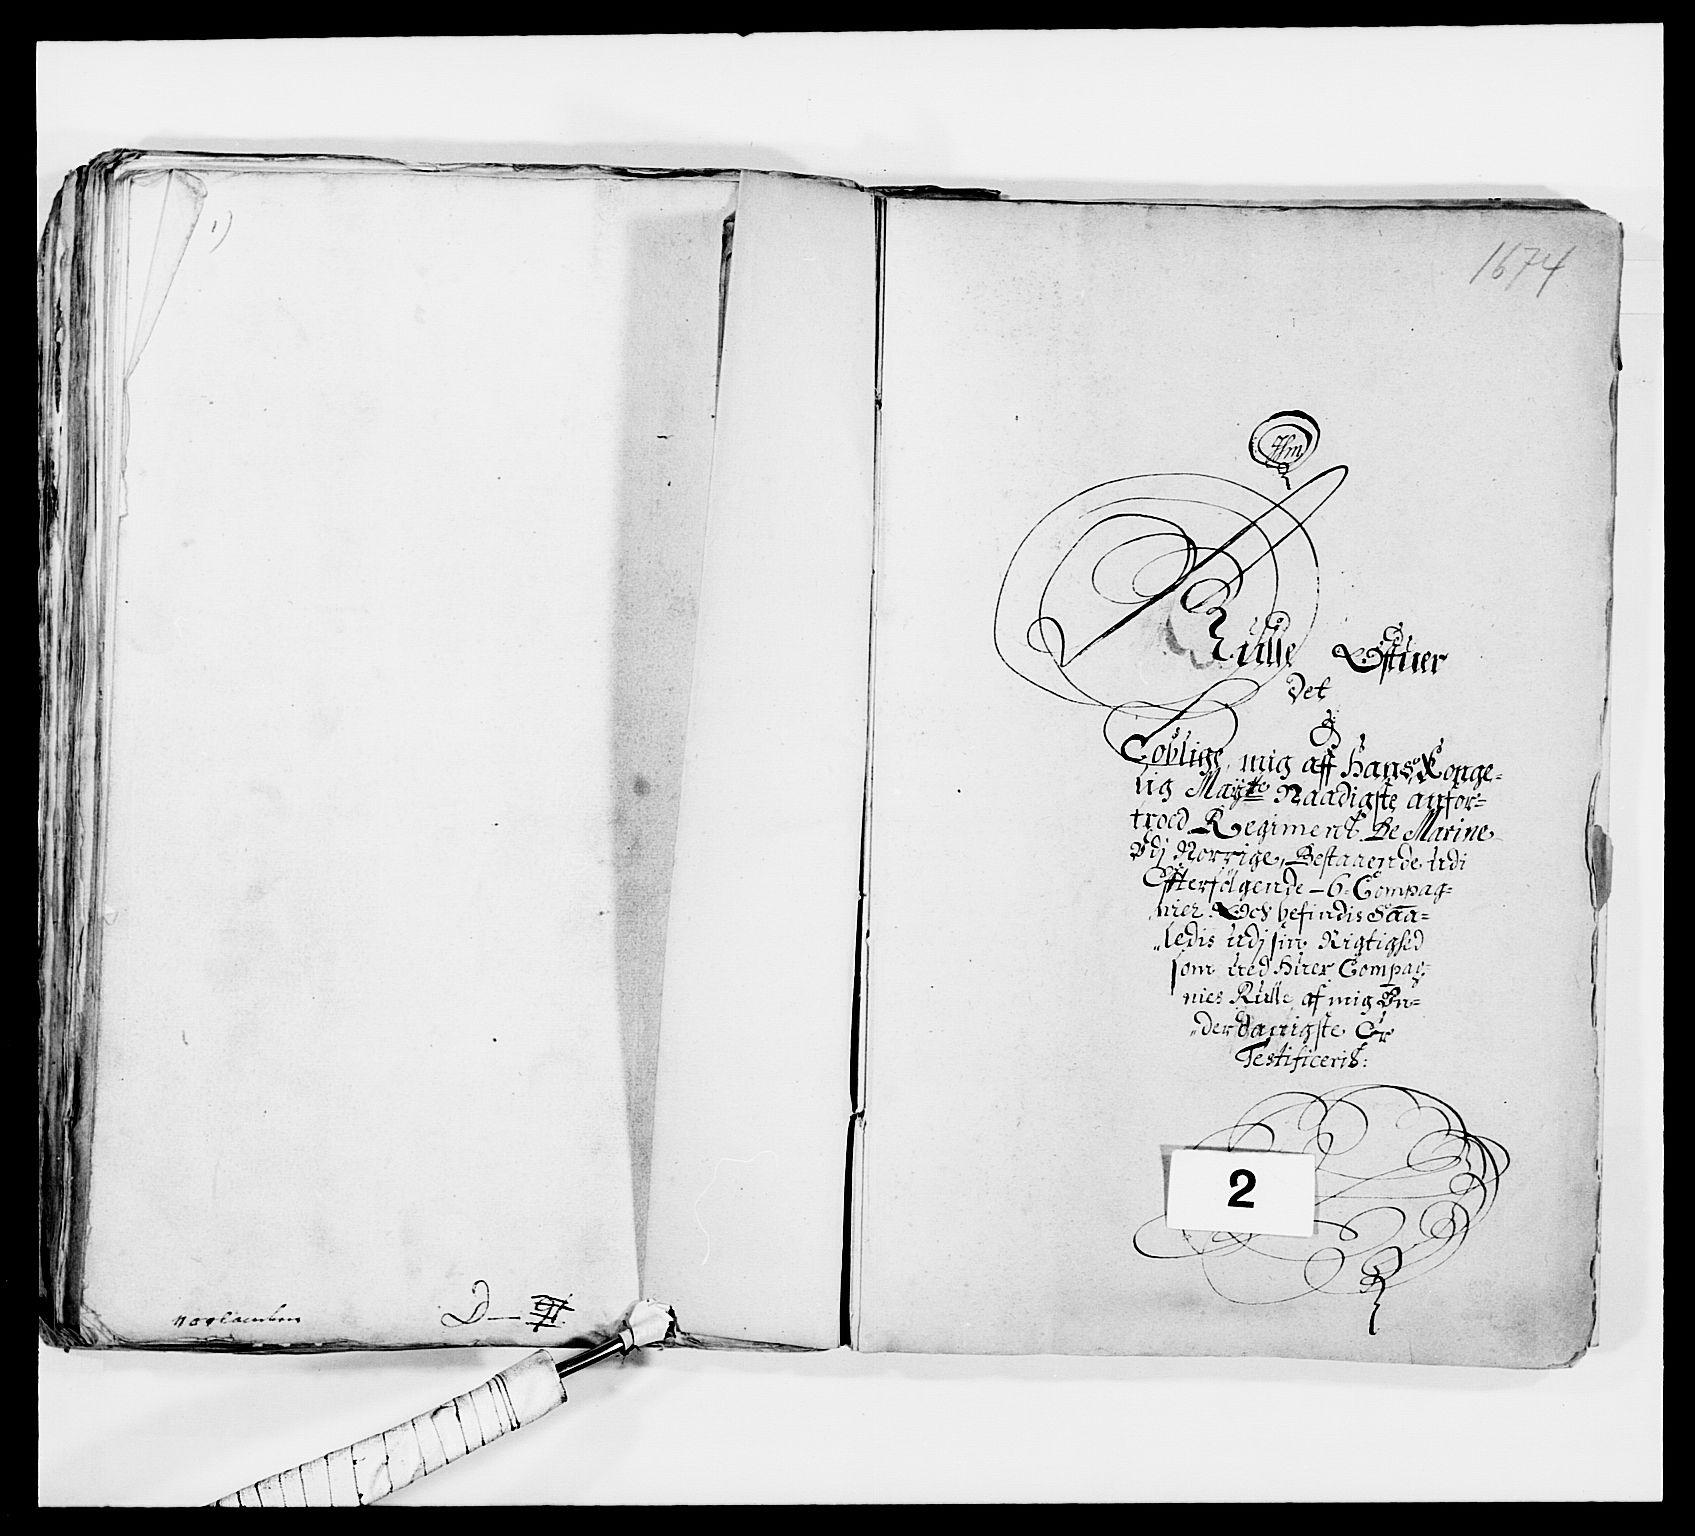 RA, Kommanderende general (KG I) med Det norske krigsdirektorium, E/Ea/L0473: Marineregimentet, 1664-1700, s. 80